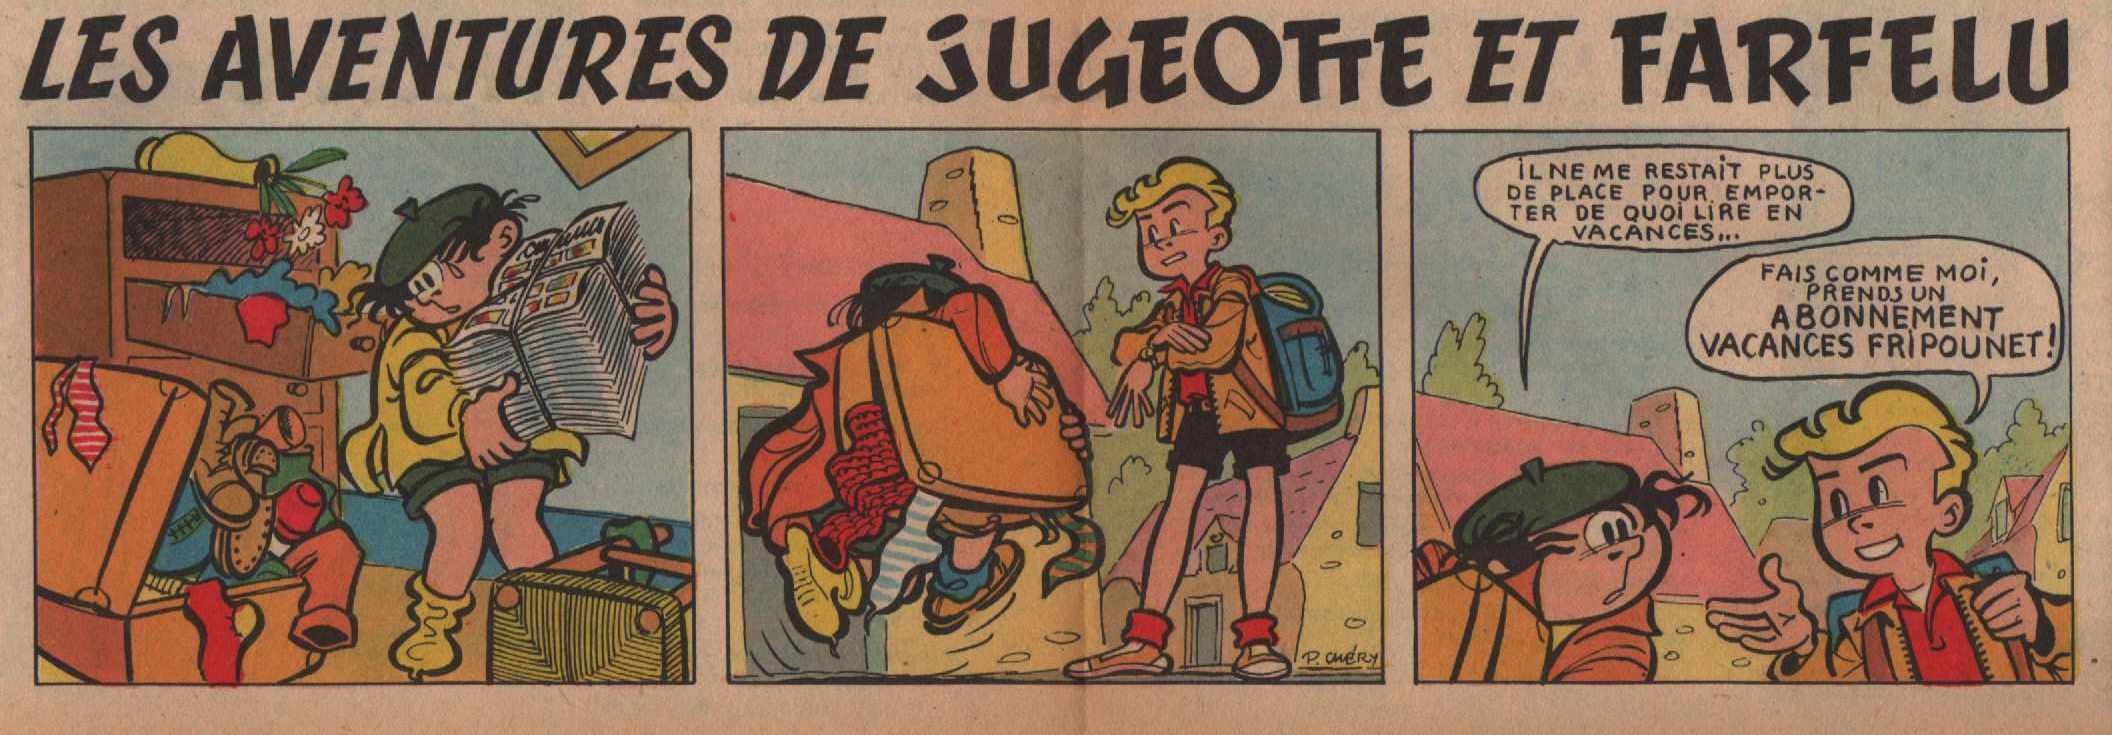 « Jugeotte et Farfelu » Fripounet et Marisette n° 23 (09/06/1957).